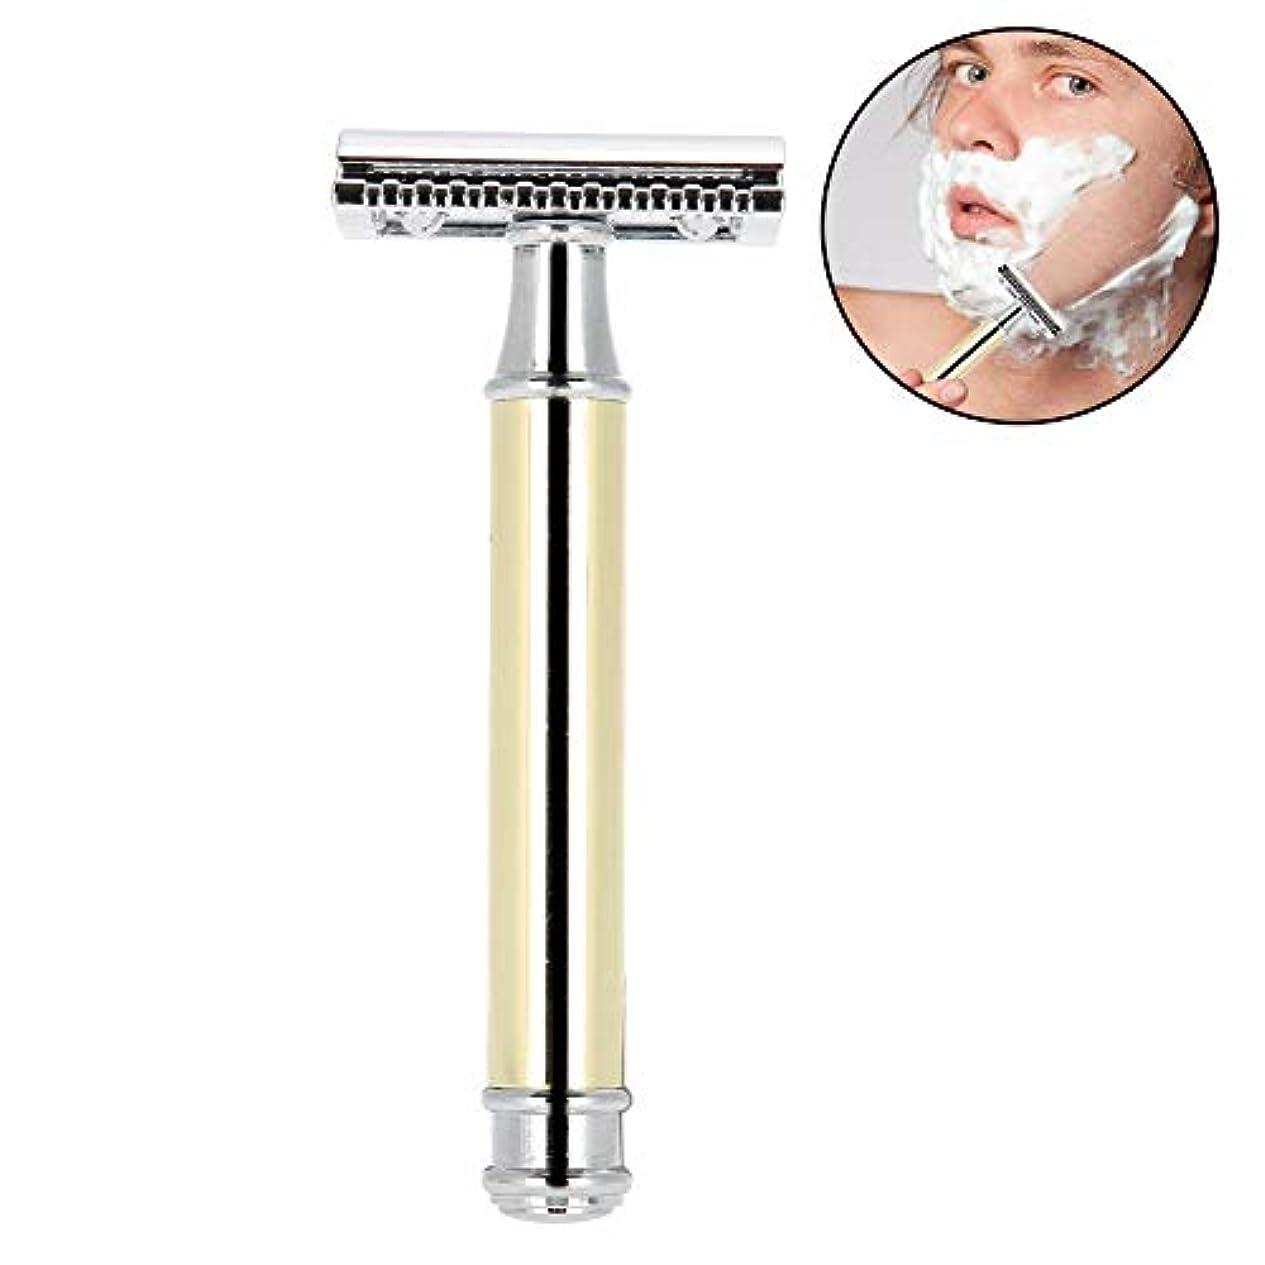 伝染病人柄電気の手動メンズシェーバー 金属 クラシックレイザー 両刃カミソリ 安全 防水肌に優しく 使いやすい